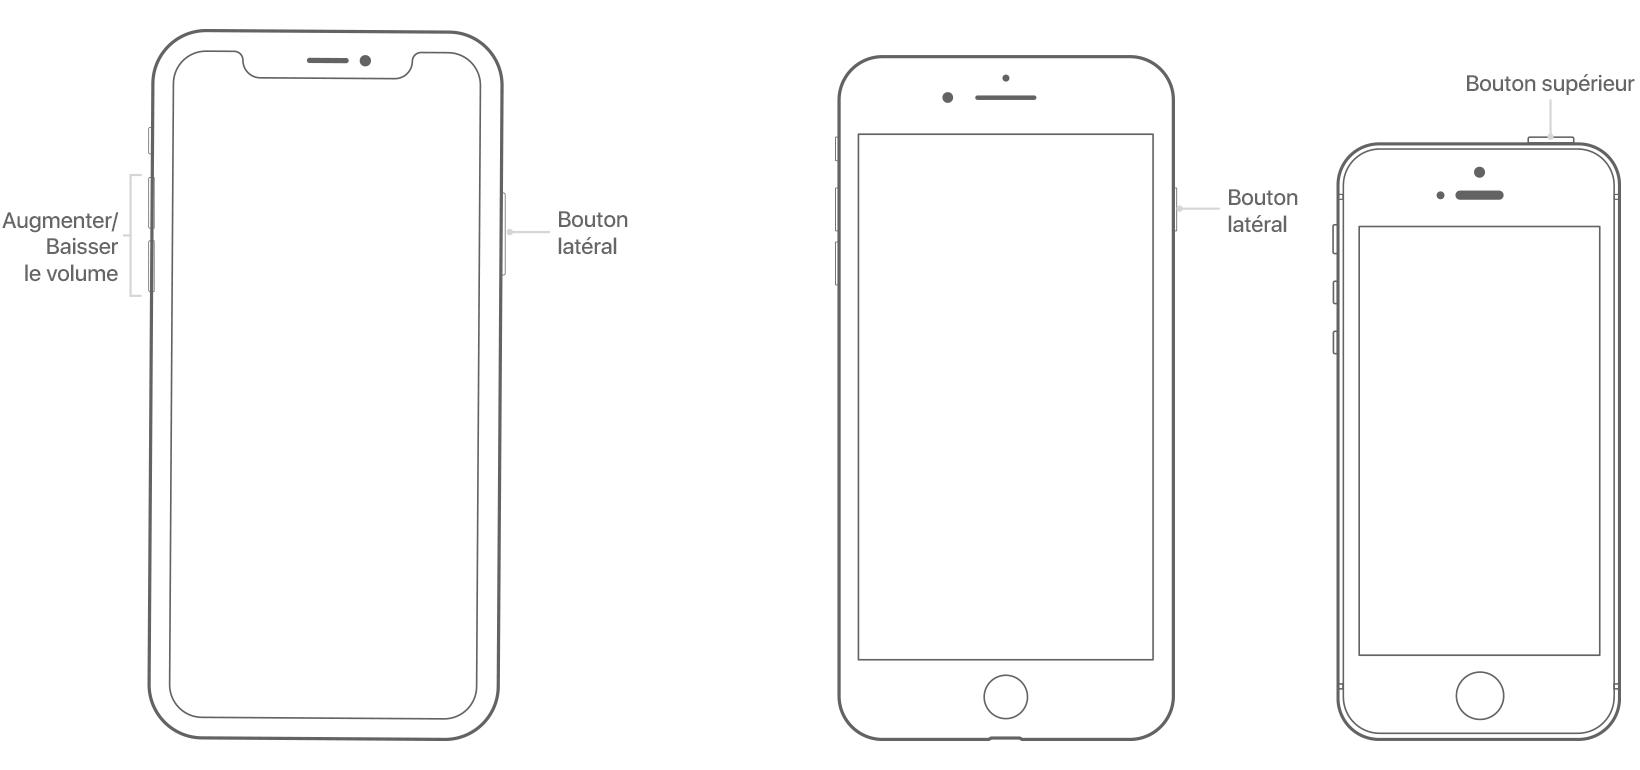 Redémarrage De Votre Iphone Ipad Ou Ipod Touch Assistance Apple